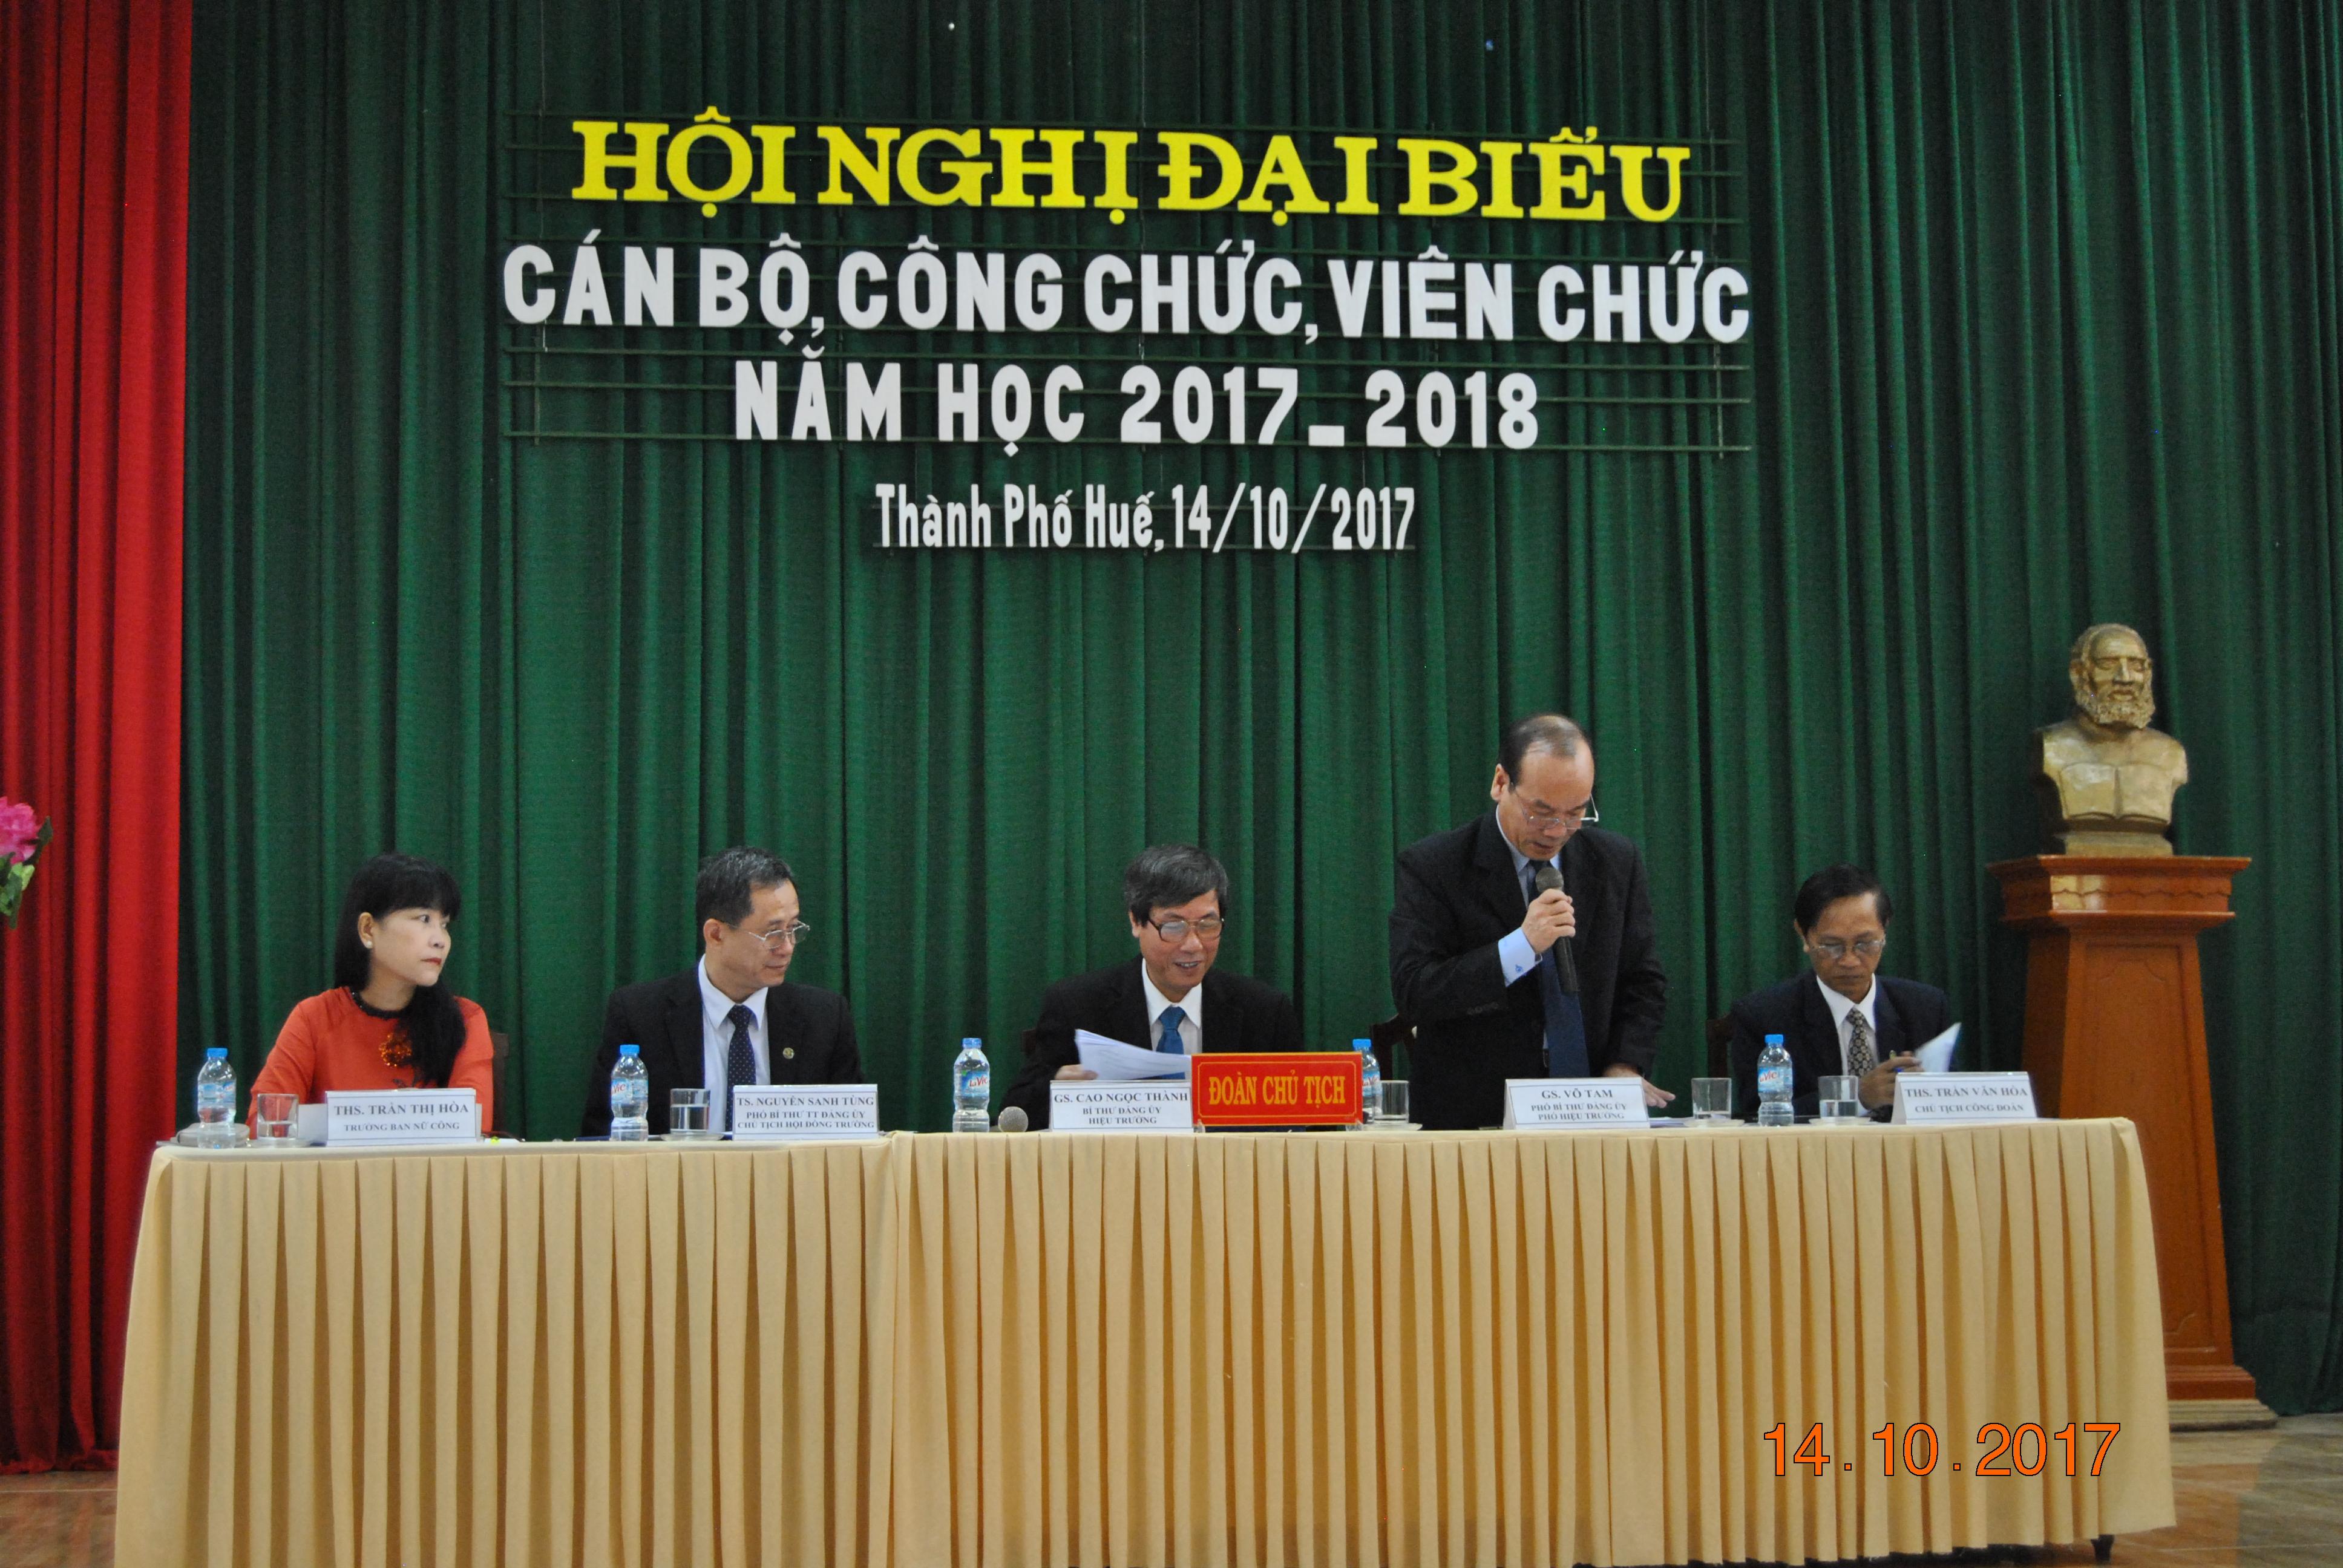 Hội nghị đại biểu Cán bộ, Công chức, Viên chức Trường Đại học Y Dược Huế năm học 2017-2018